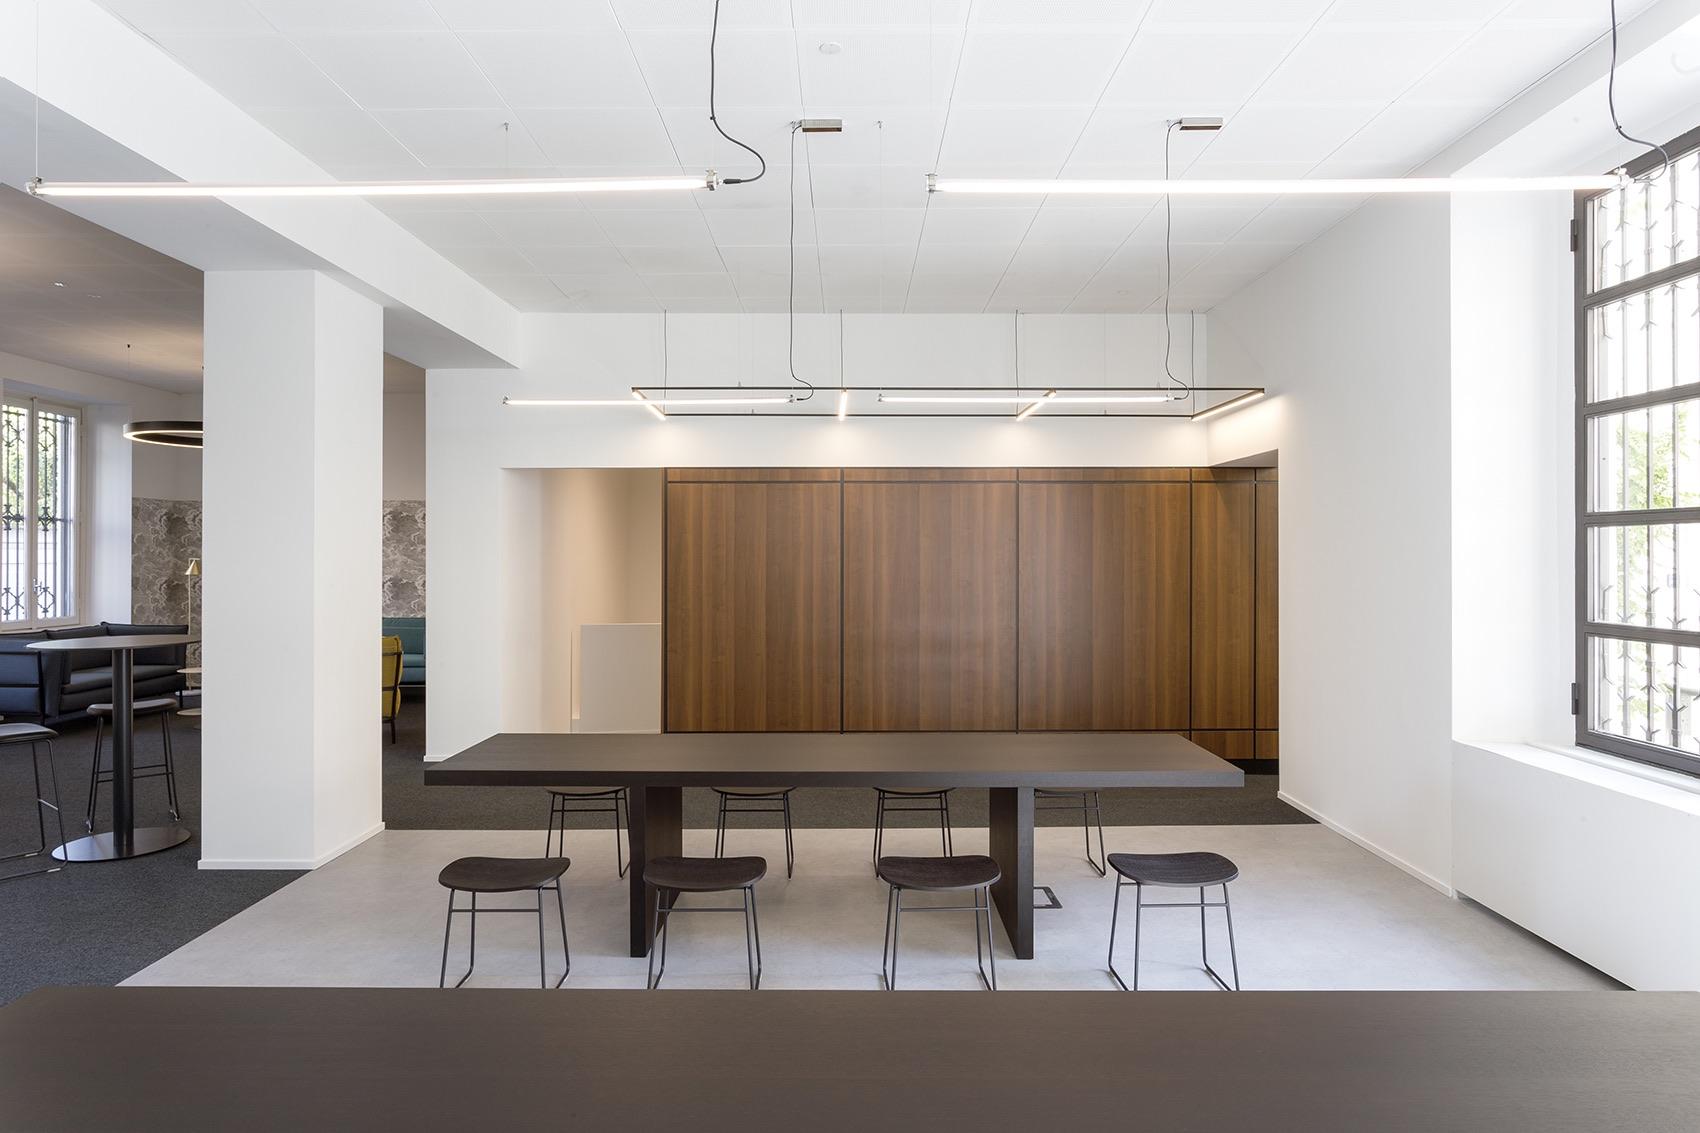 A Look Inside Juul's New Italian HQ in Milan